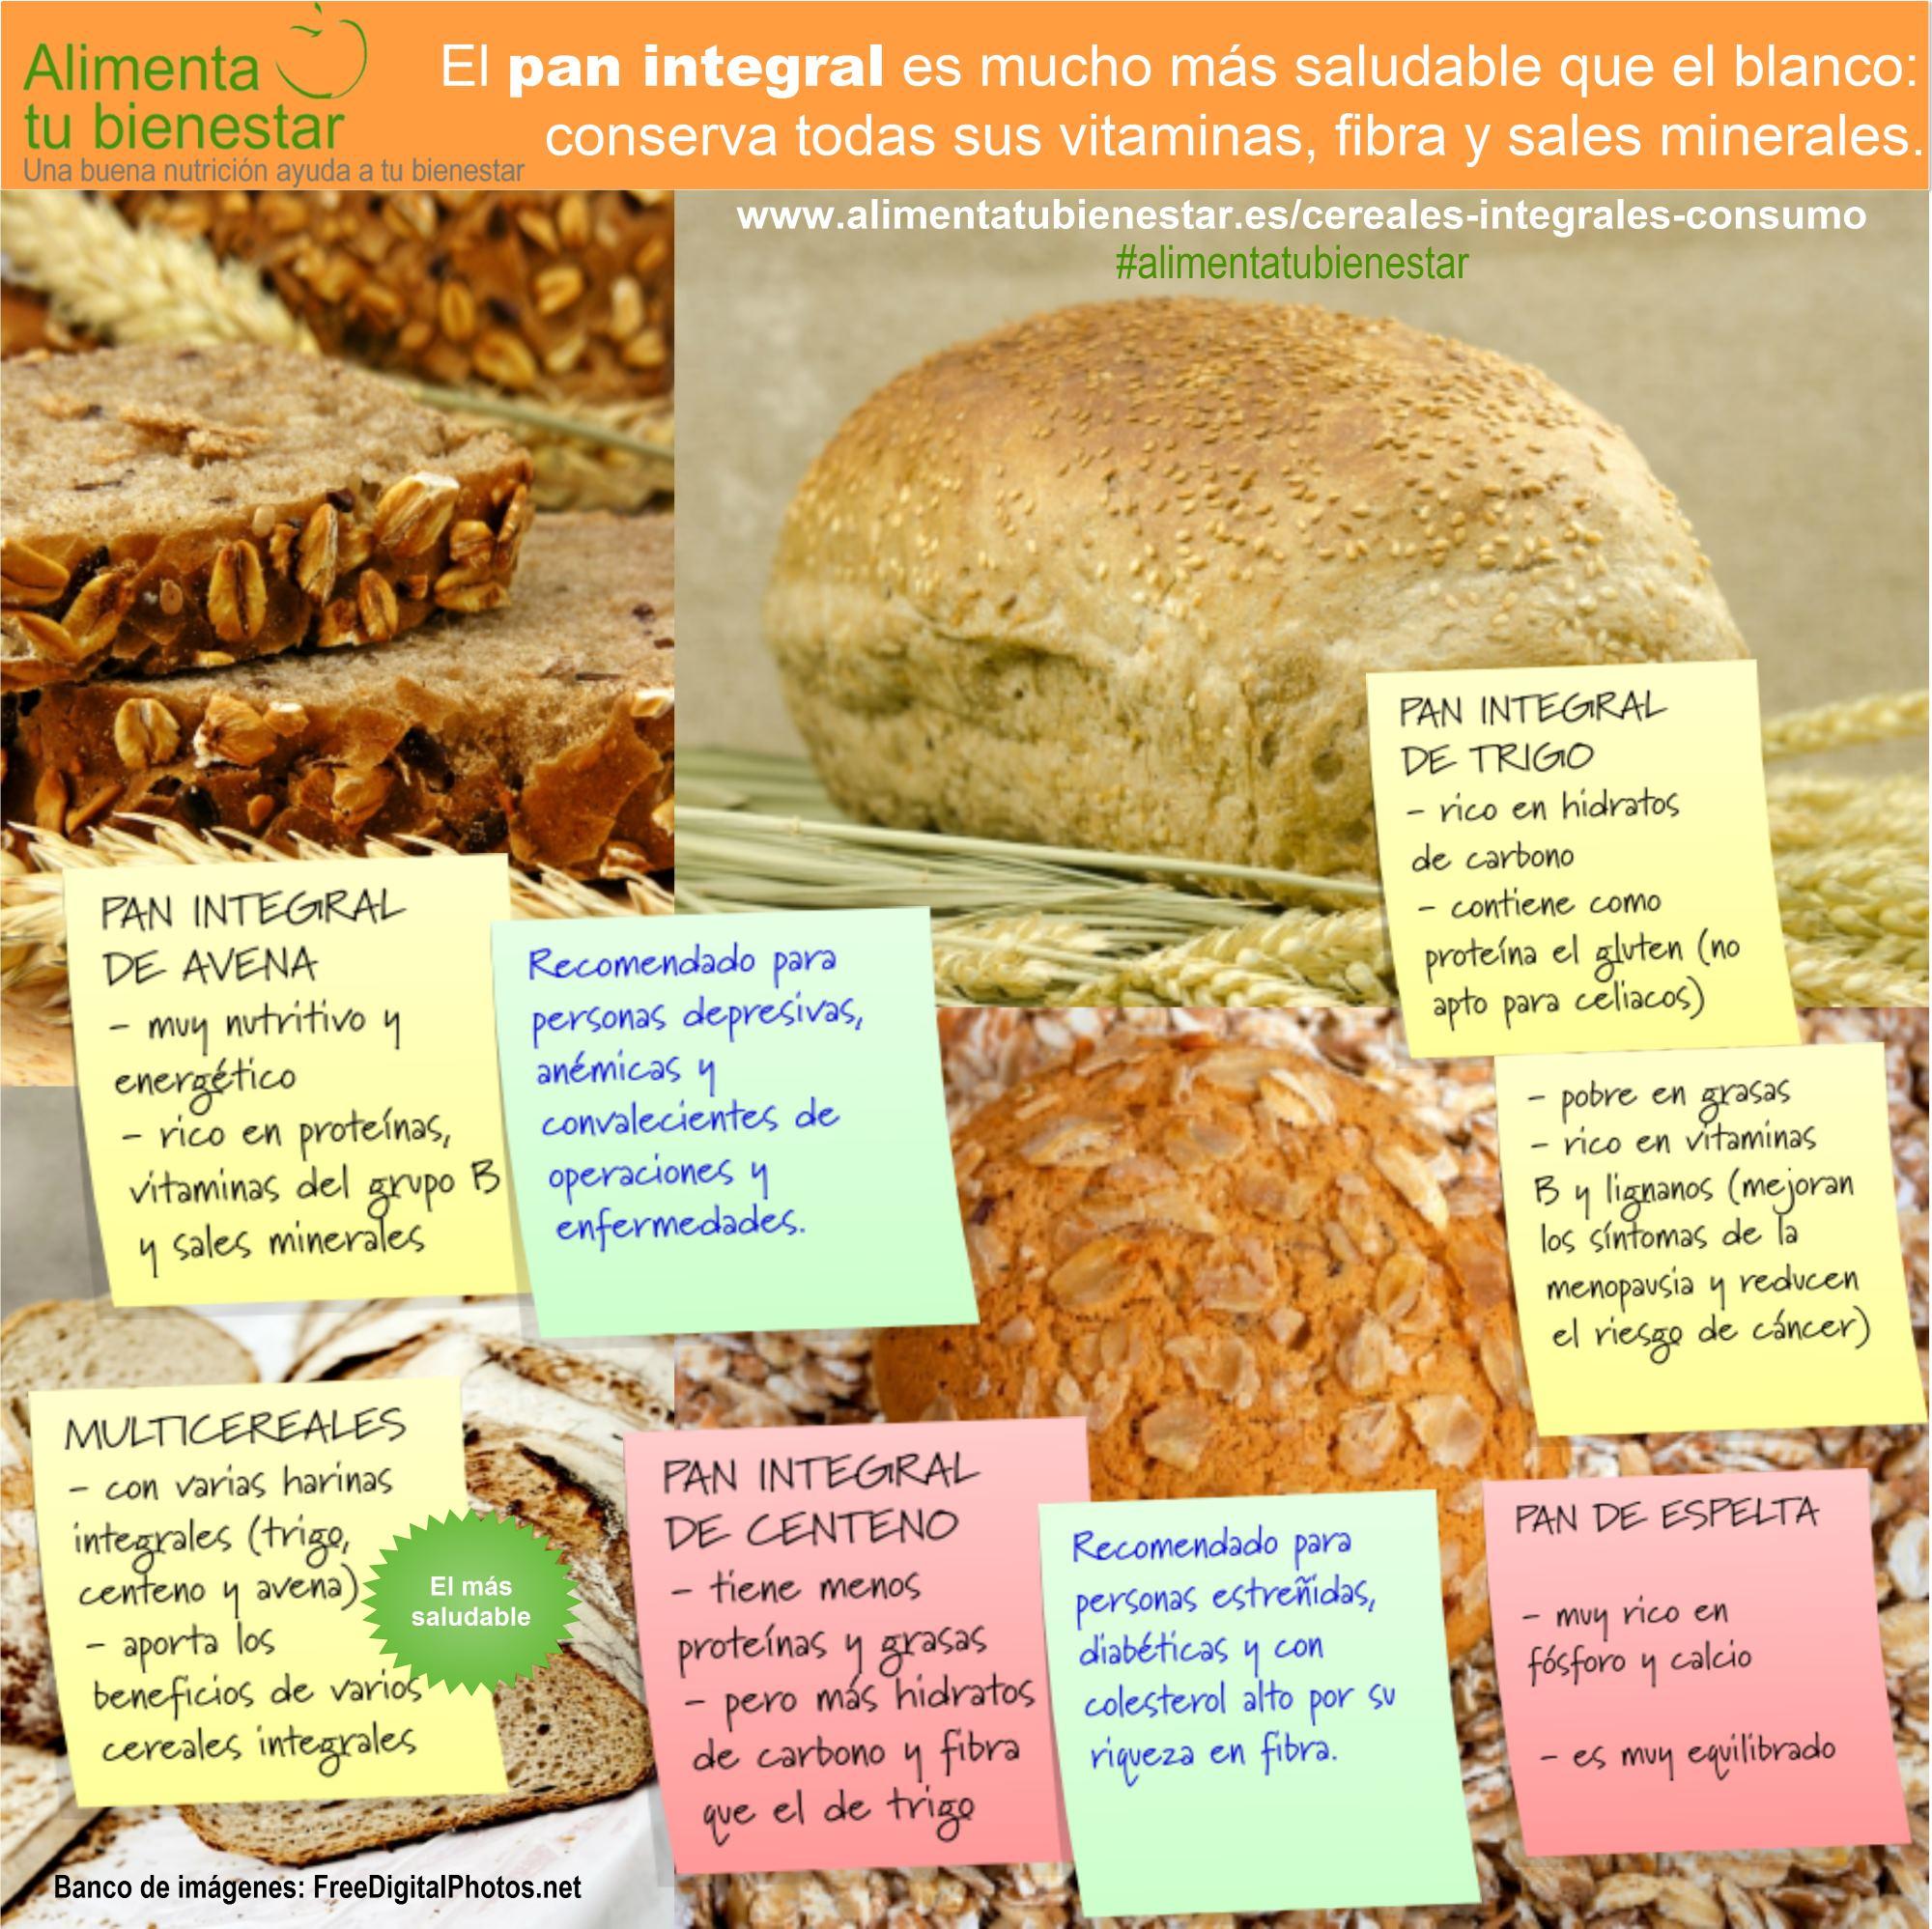 Infografia Panes elaborados con cereales integrales